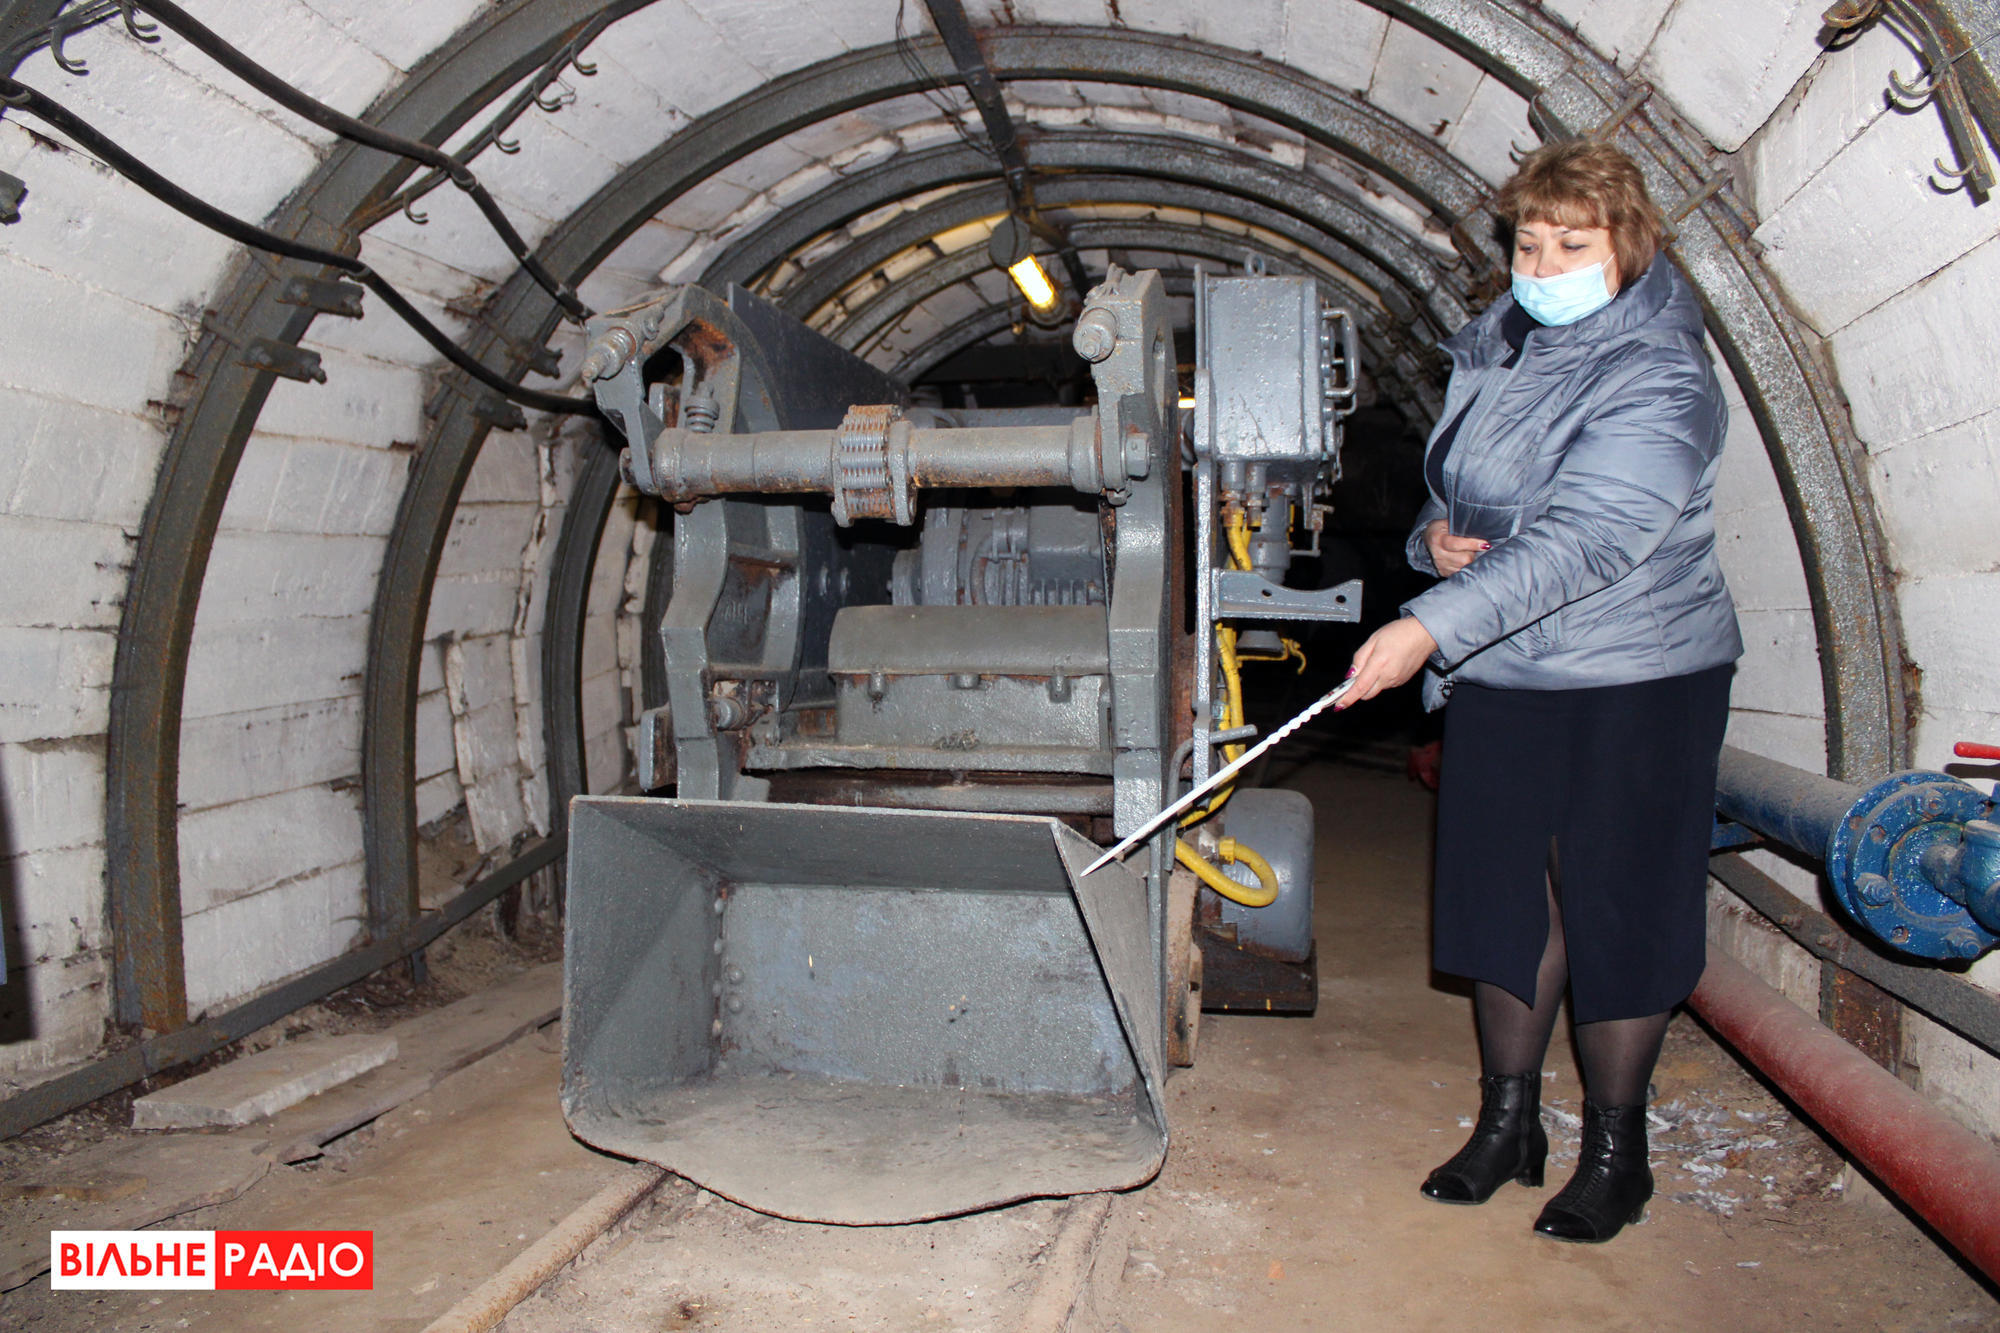 Нагрузочная машина, которую используют на шахтах. Фото из учебной шахты в Торецке